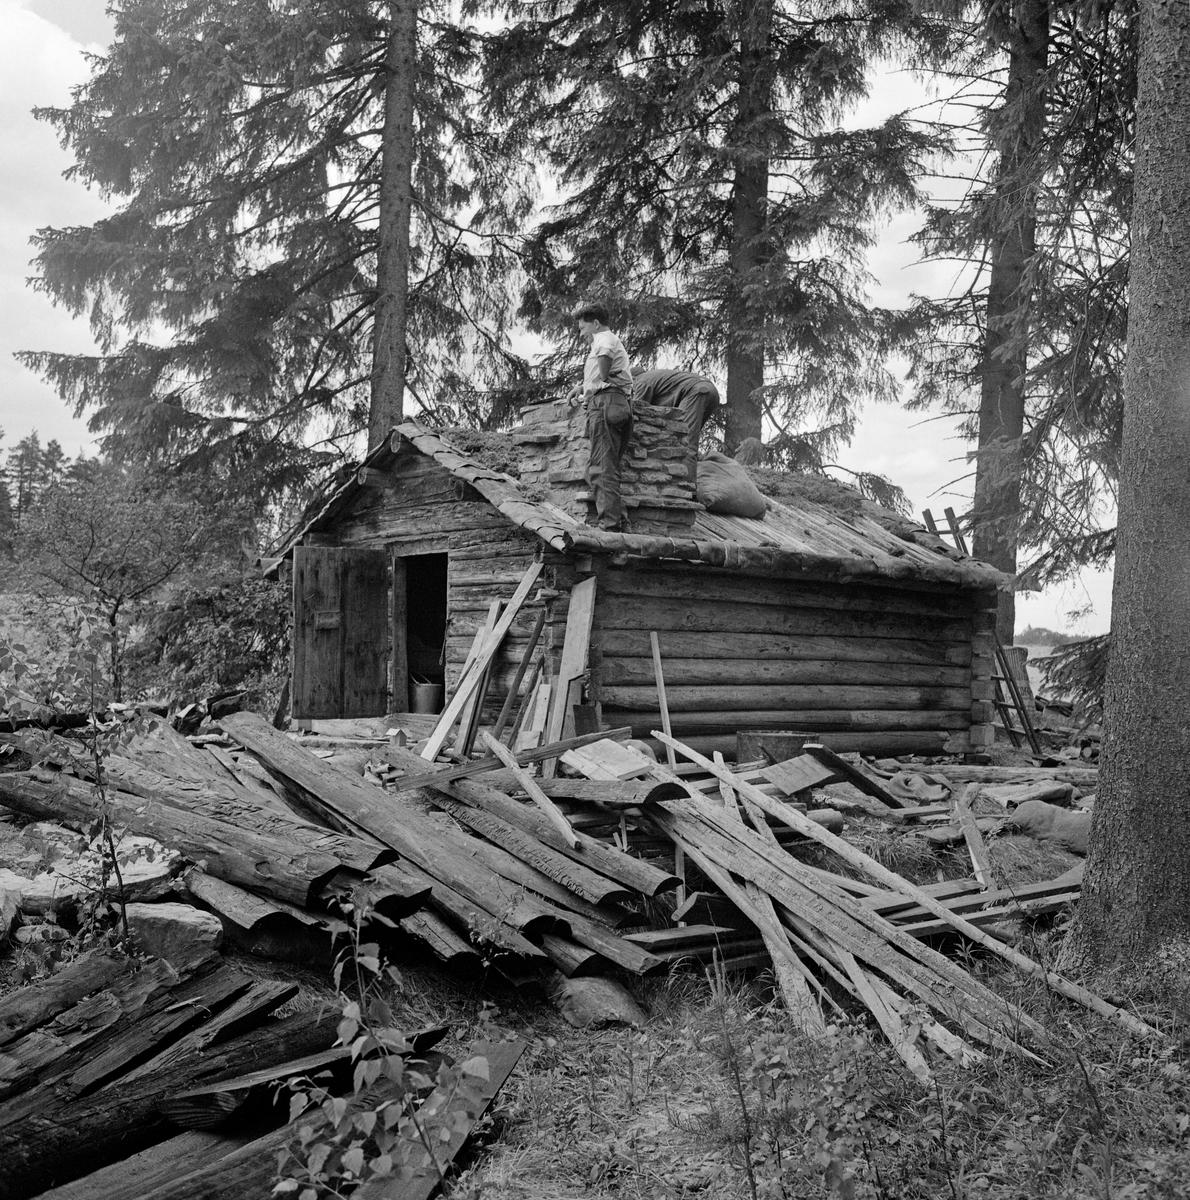 Fra gjenreisinga av Kvannstranddamkoia fra Trysil på Norsk Skogbruksmuseum sommeren 1971. Dette prosjektet ble initiert av Trygve Aasheim (1893-1975), som var museets kontaktmann i Trysil. Museet hadde på dette tidspunktet bare fem medarbeidere, og ingen av disse hadde handverkerkompetanse eller vaktmesteroppgaver. Arbeidet med å gjenreise Kvannstranddamkoia i friluftsavdelingen på Prestøya ble derfor utført av kontaktmannen og hans venn Jon Galaasen (1922-2002), riktignok med litt murerbistand fra en som kunne dette faget. Her var det sannsynligvis Galaasen som sto ved pipa da bildet ble tatt. Hvem som sto bøyd bak den samme pipa er det vanskeligere å se.   Kvannstranddamkoia er om lag 4,5 meter lang og 3,8 meter bred, og har med andre ord ei grunnflate på 17,5 kvadratmeter. Den har dør i den ene gavlveggen og dør i den andre. Inne i koierommet er det en gråsteinsmurt peis i hjørnet til høyre innenfor døra. Ellers har den veggefaste brisker langs de indre veggene med spisebord foran. Vis a vis peisen finner vi et uvanlig koiemøbel: Ei seng, som skal ha vært innsatt da disponenten i Mölnbacka-Trysil, Axel Mörner, skulle komme på overnattingsbesøk. Fotografier som ble tatt før Kvannstranddamkoia ble demontert for flytting til museet viser at den da hadde bølgeblikktak, muligens med et gammelt stikketak under. På museet ble den gjenreist med tretak, lagd av impregnerte halvkløvninger. Vi vet ikke bakgrunnen for at dette valget ble gjort, og det er usikkert om det fantes noen tradisjon for slike kavletak i Trysil. Bølgeblikktekket koia hadde hatt de siste åra den sto ved Kvannstranddammen ble sannsynligvis oppfattet som et nyere element, som harmonerte dårlig med en oppfatning om at huset var bygd på midten av 1880-tallet, eller kanskje til og med 10-15 år tidligere. På denne bakgrunnen kan karene ha følt at det var riktigst å gi koia et tretak da den ble gjenreist på museet. Langs takets ytterkanter ble det lagt never, som ofte ble brukt som fuktsperre i førindustriel